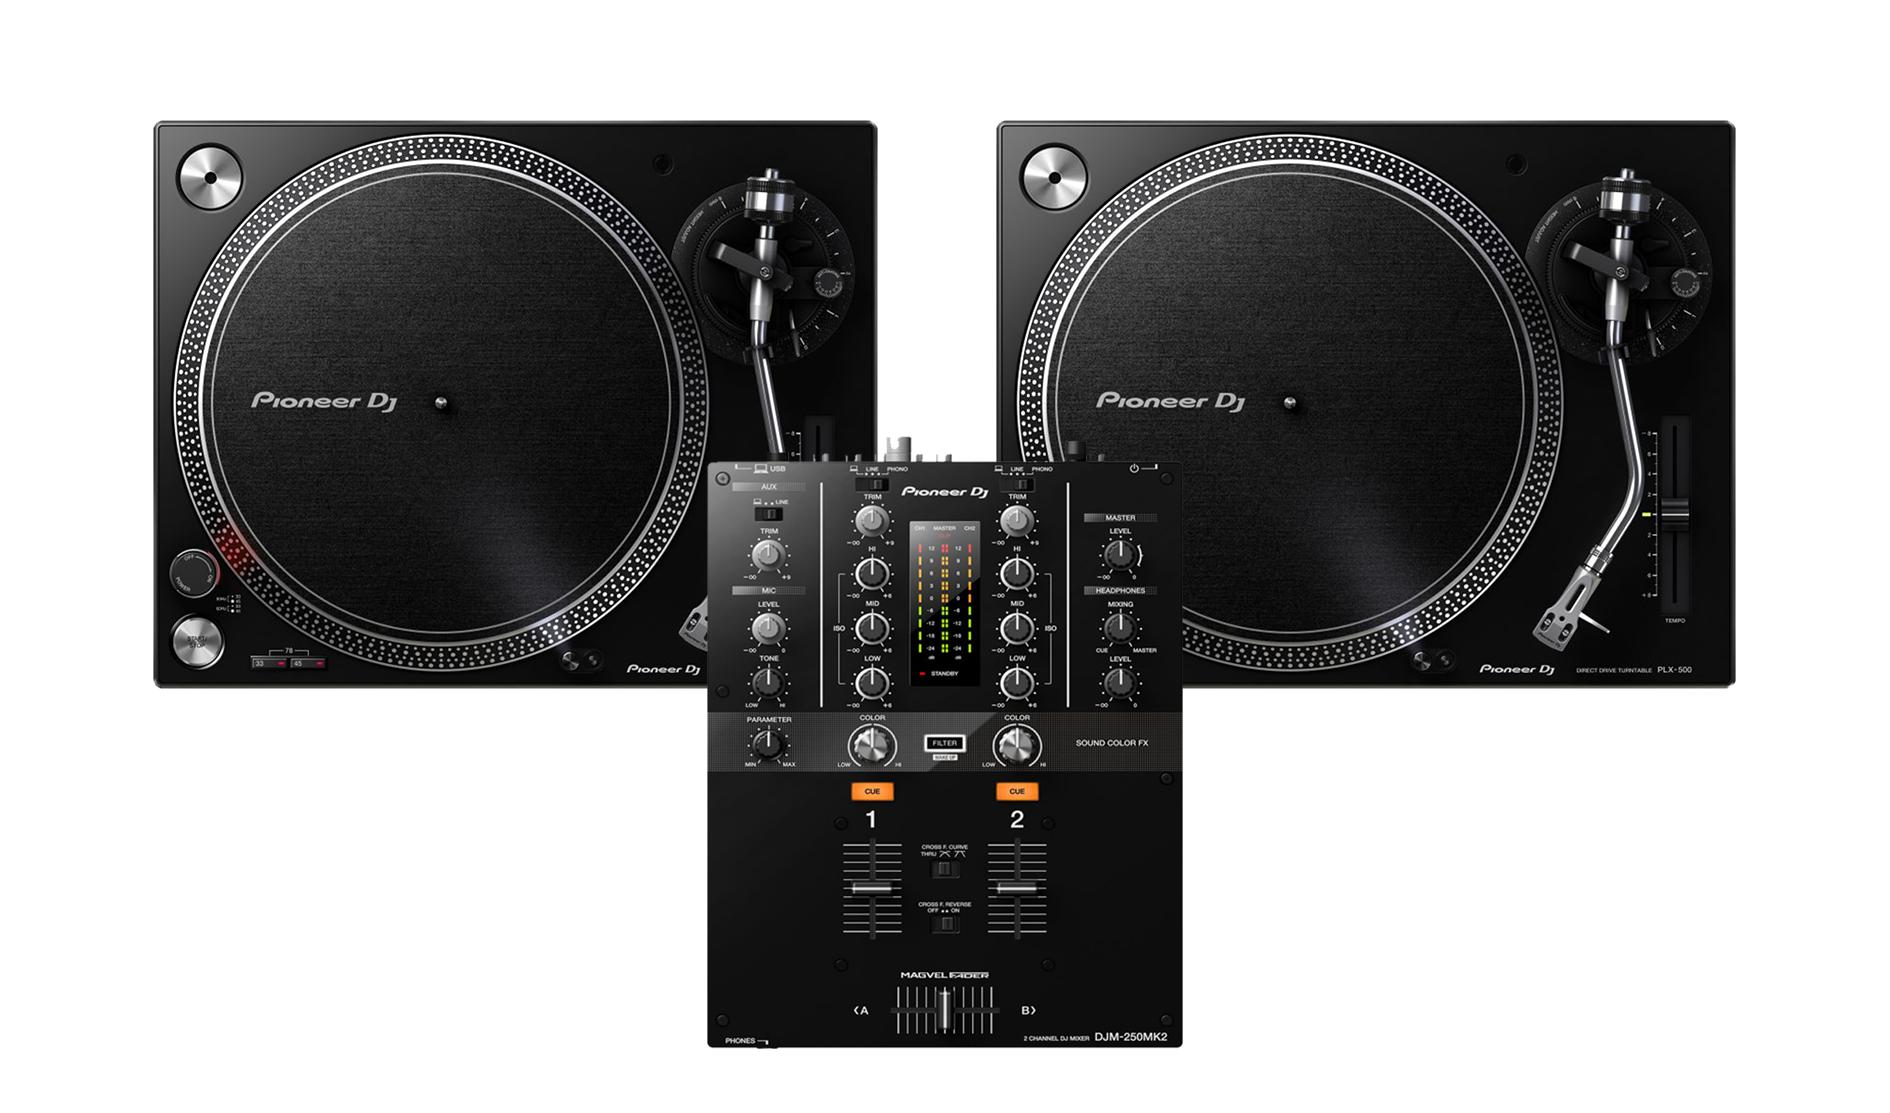 8d492cb7f6a 2x Pioneer PLX-500   Pioneer DJM-250Mk2